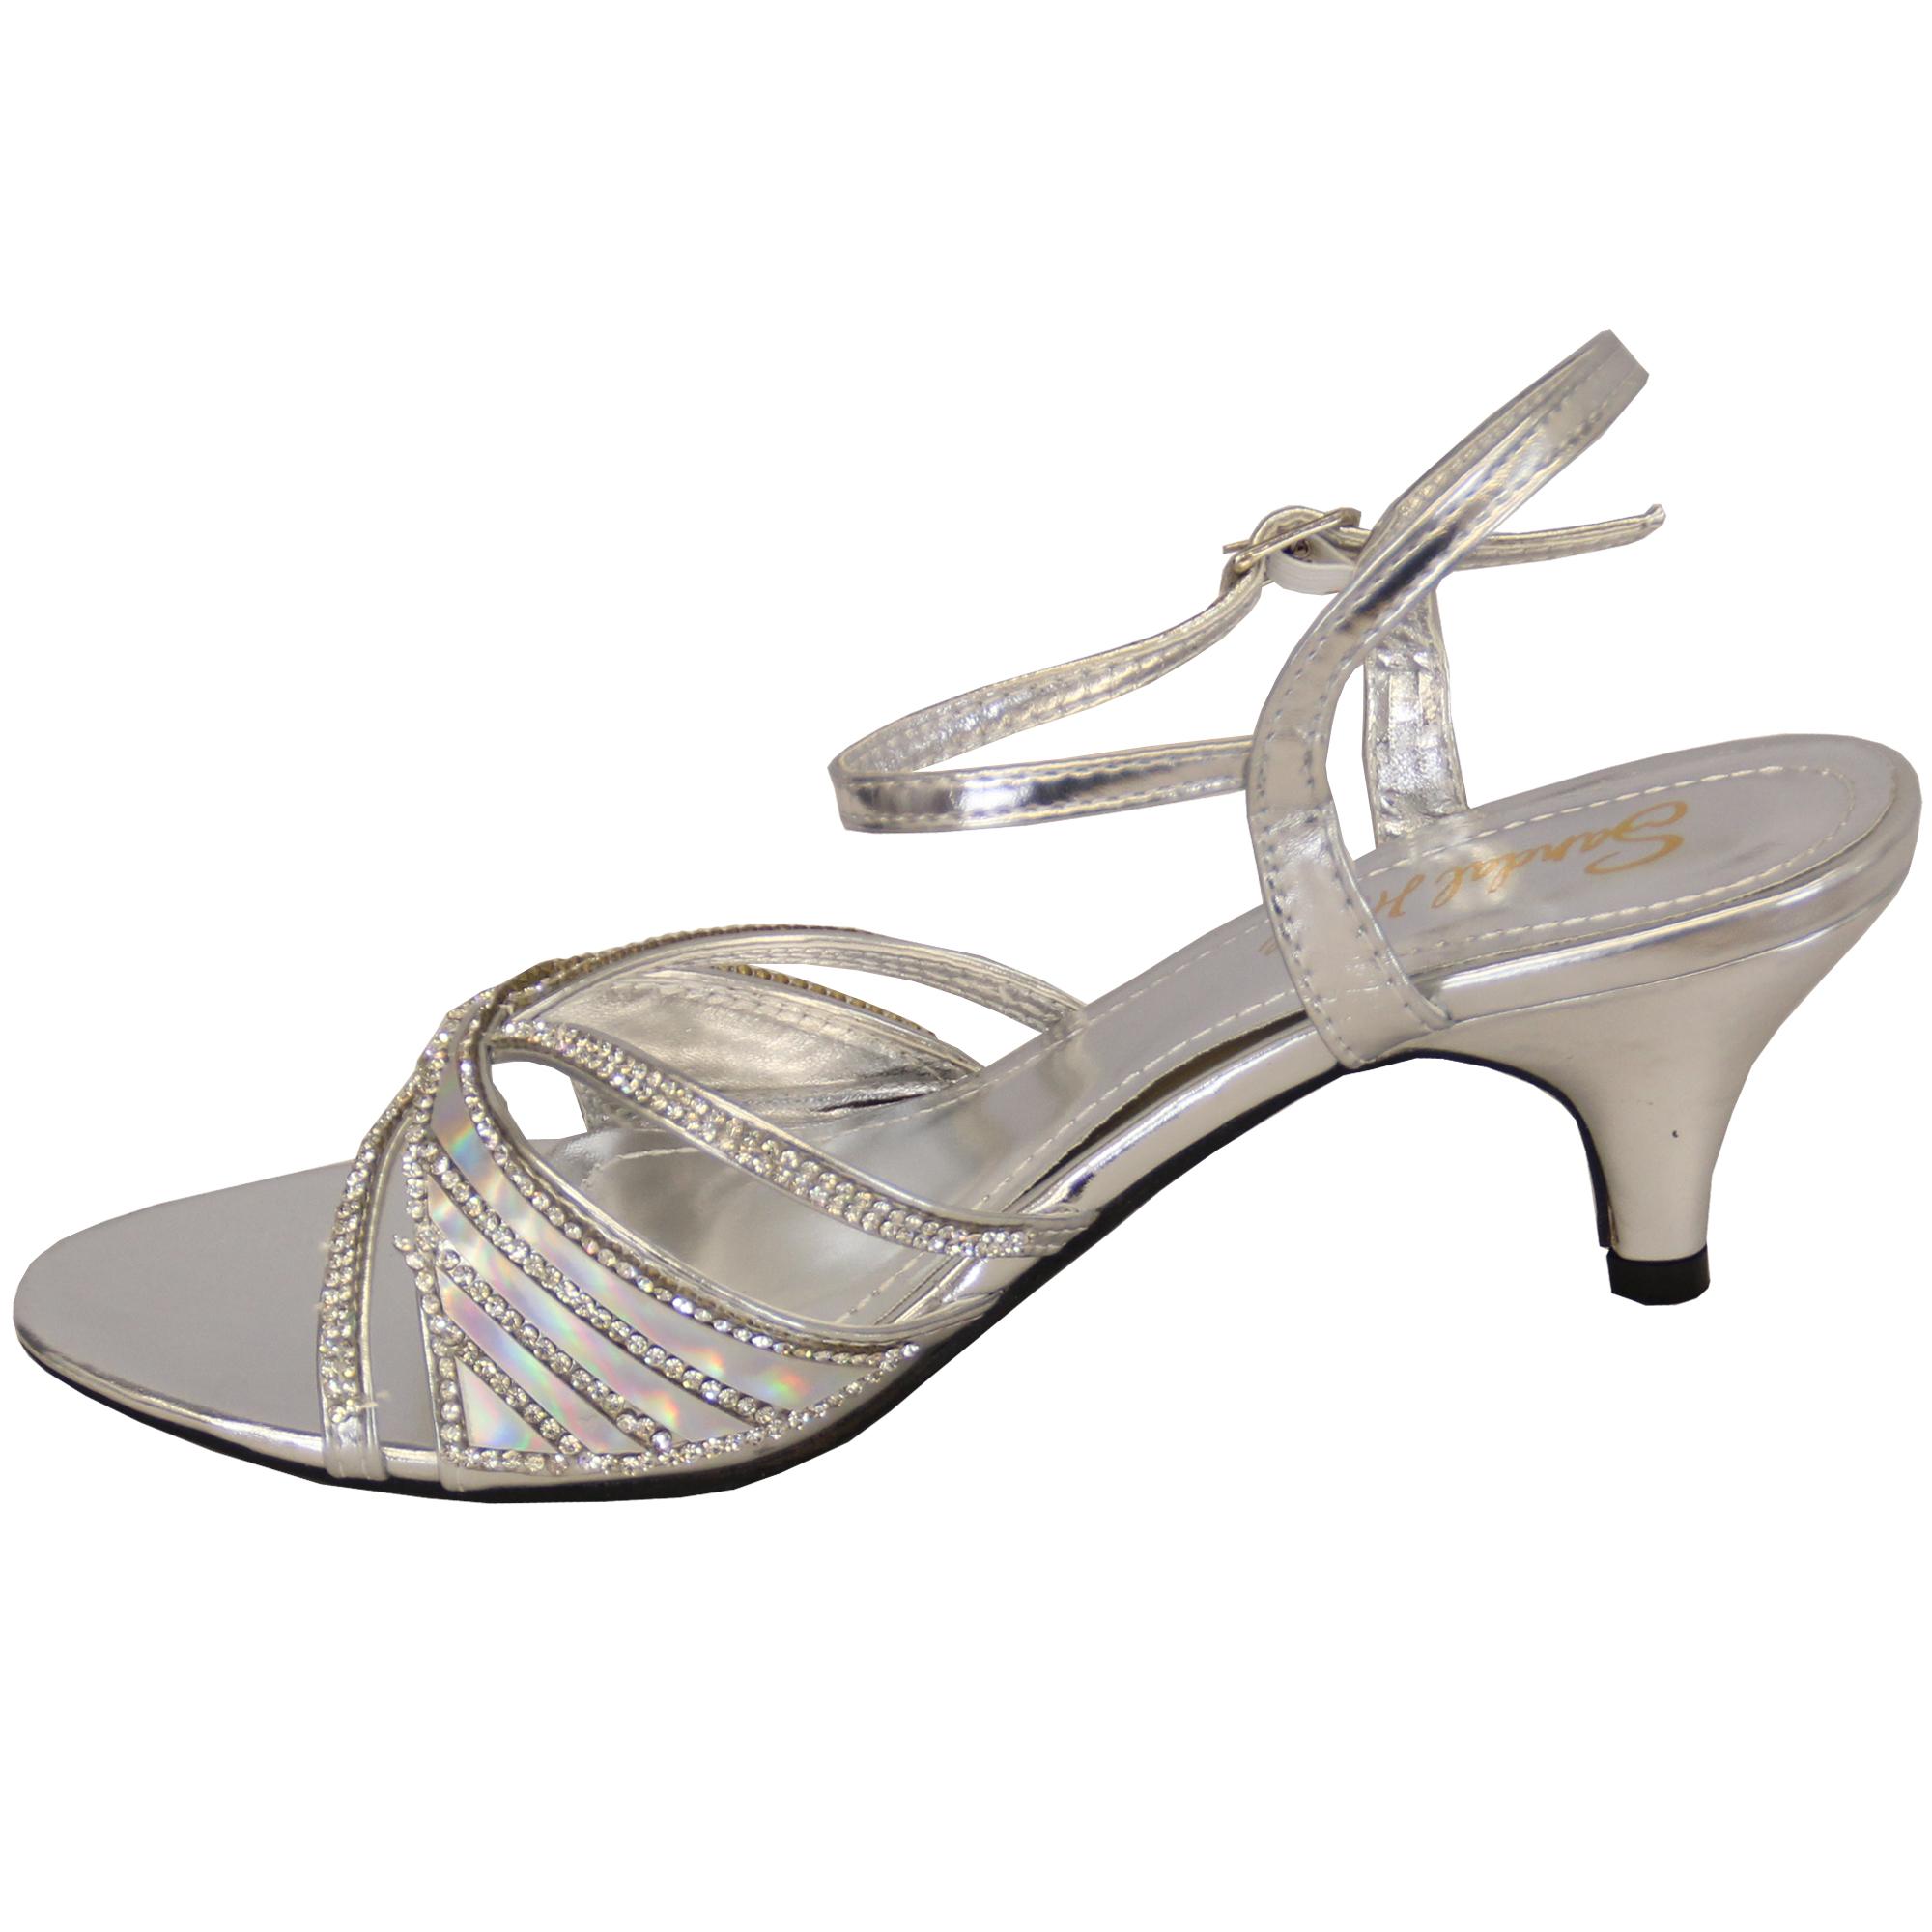 Ladies Sandals Womens Mid Heel Diamante Buckle Open